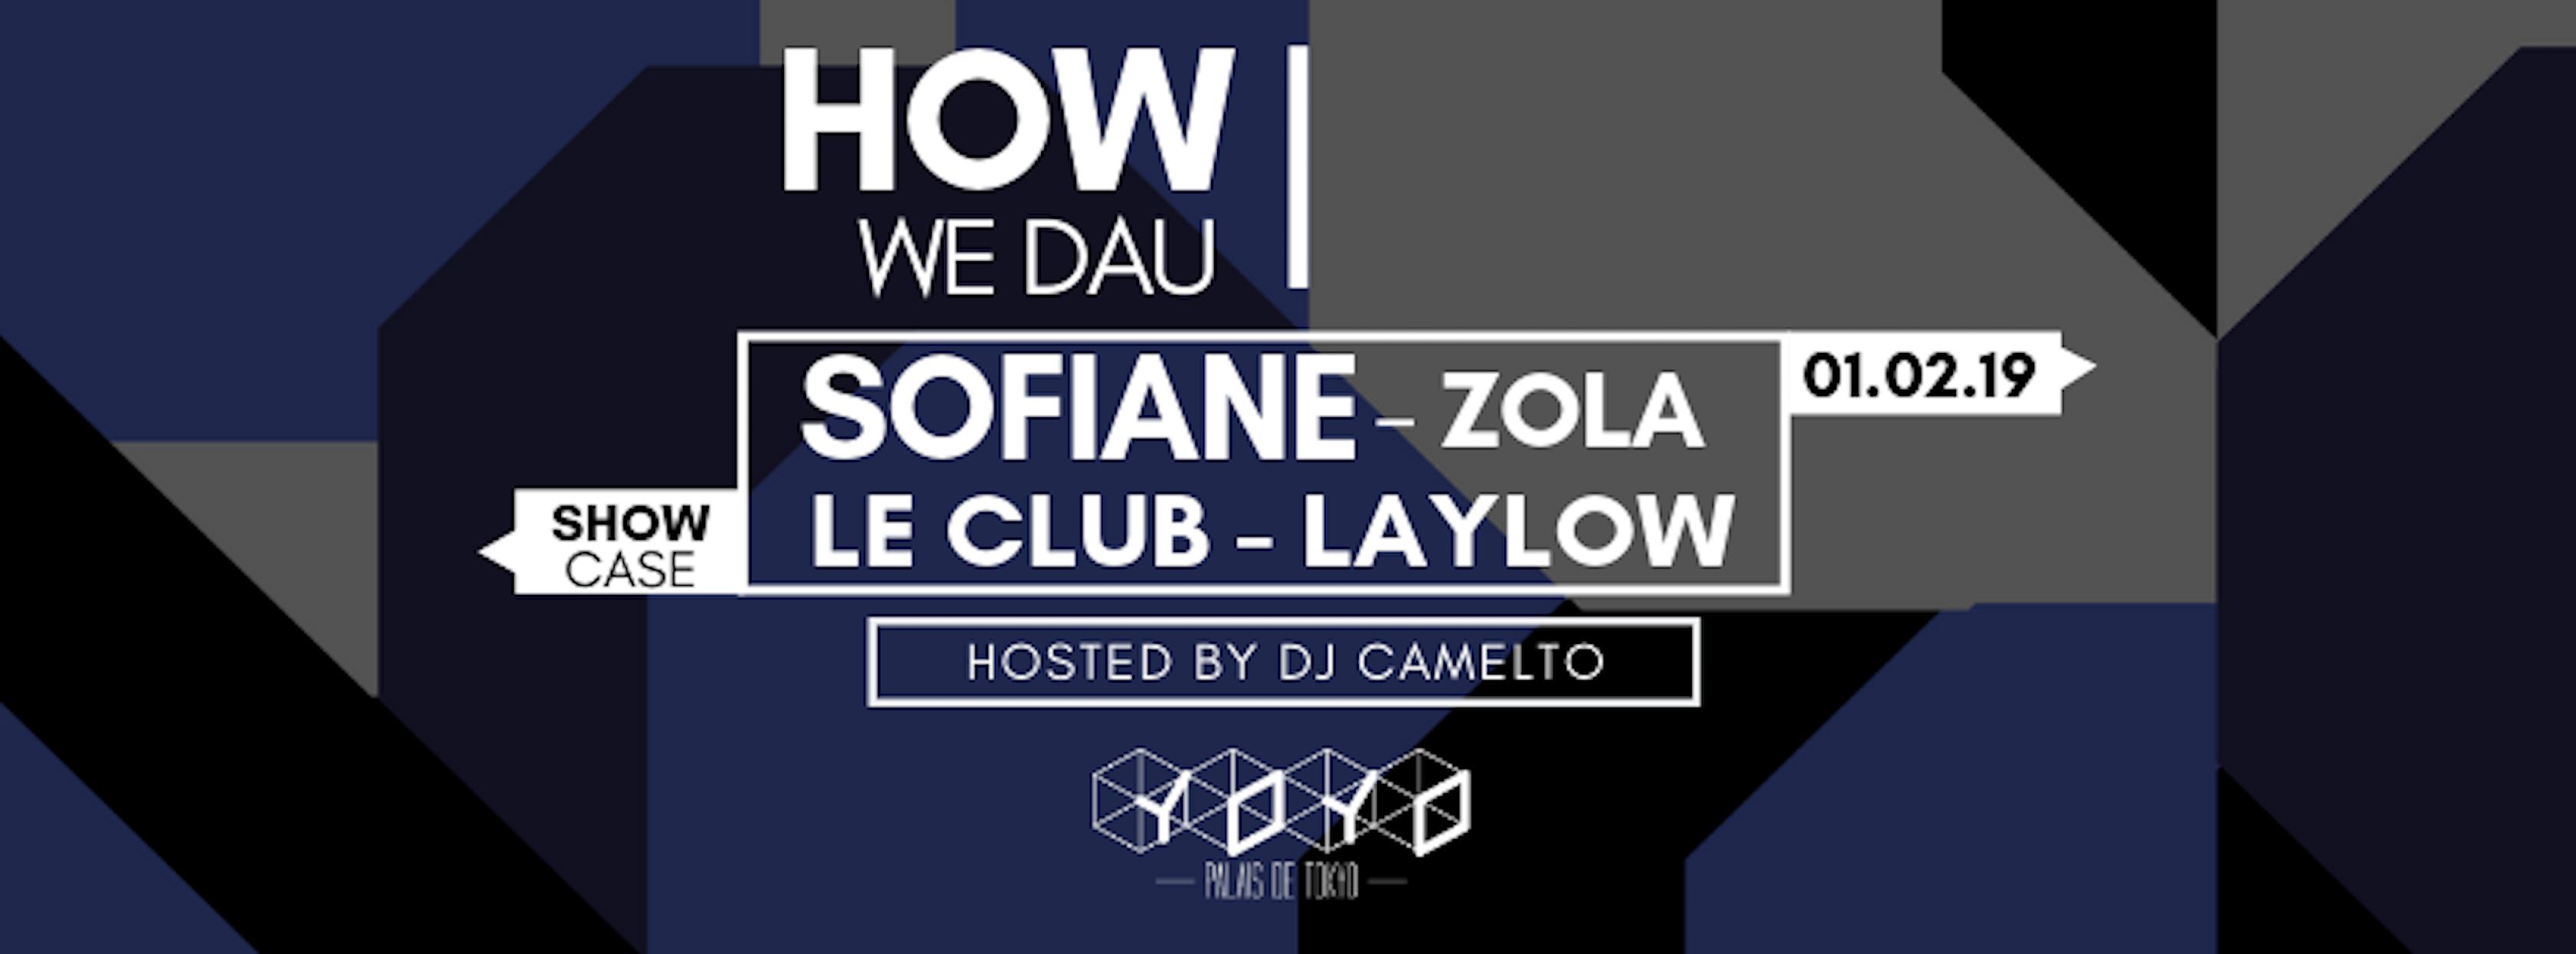 How We Dau - Sofiane / Zola / Le Club / Laylow